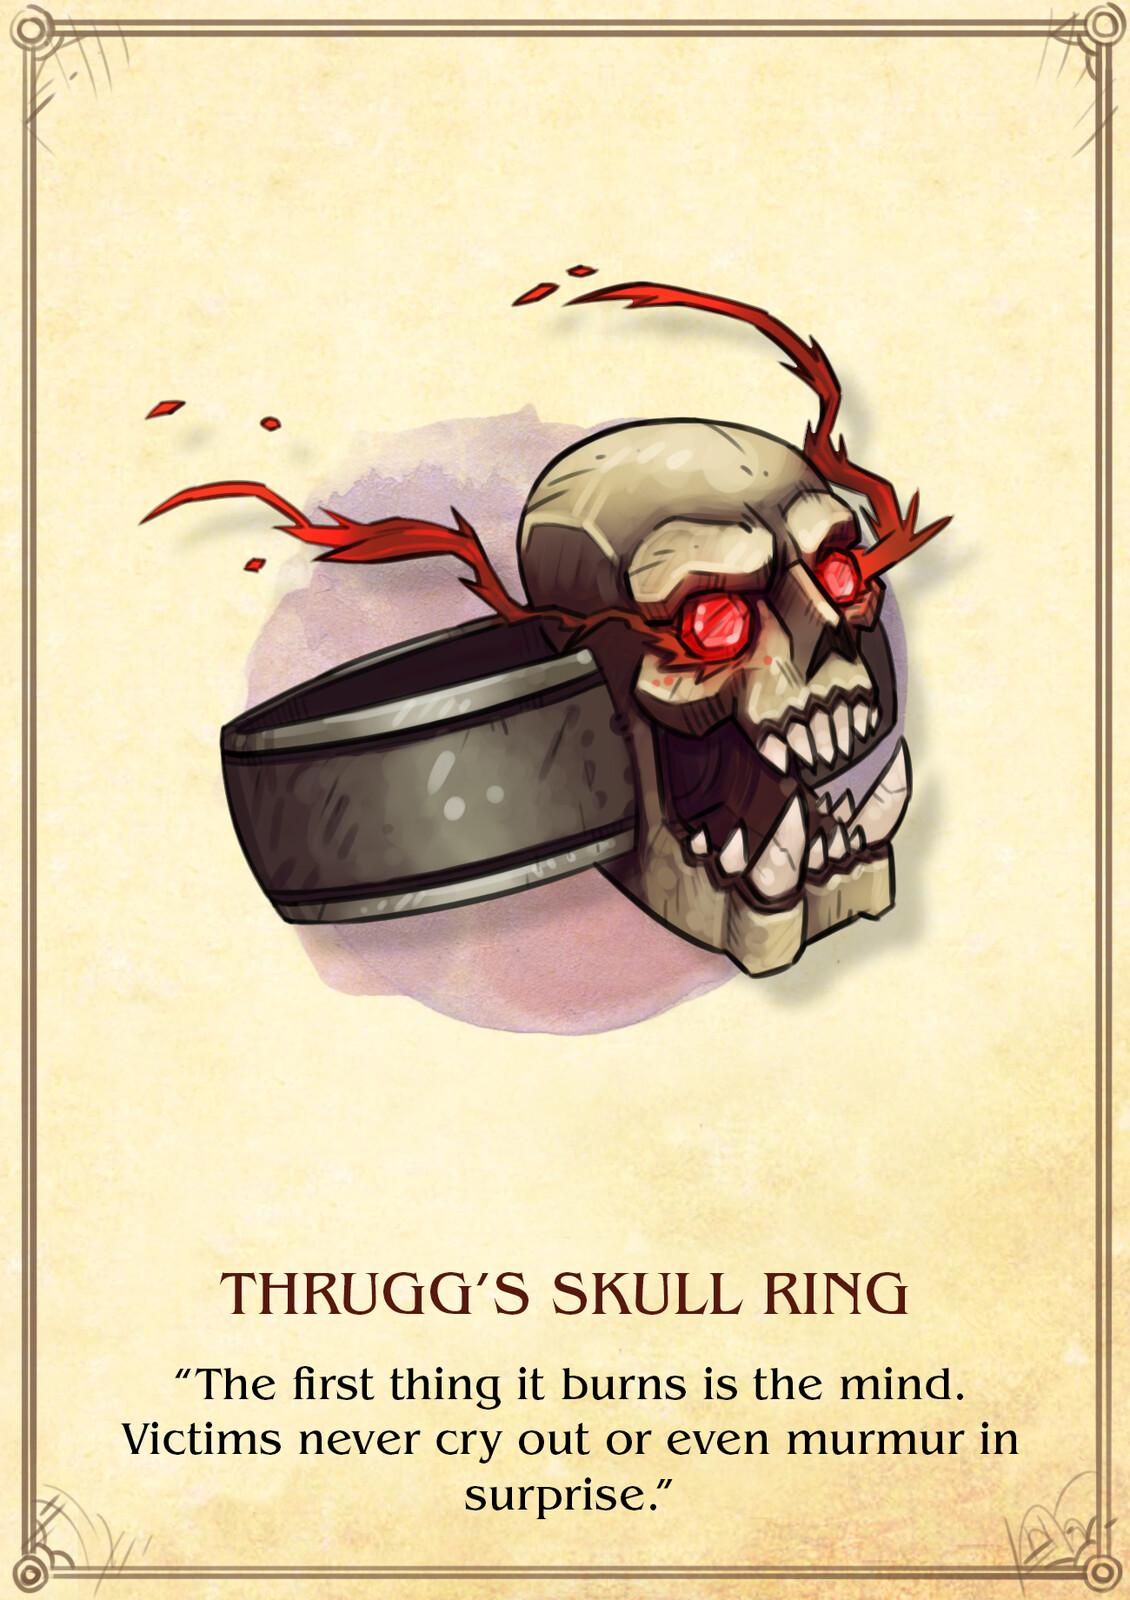 Thrugg's Skull Ring